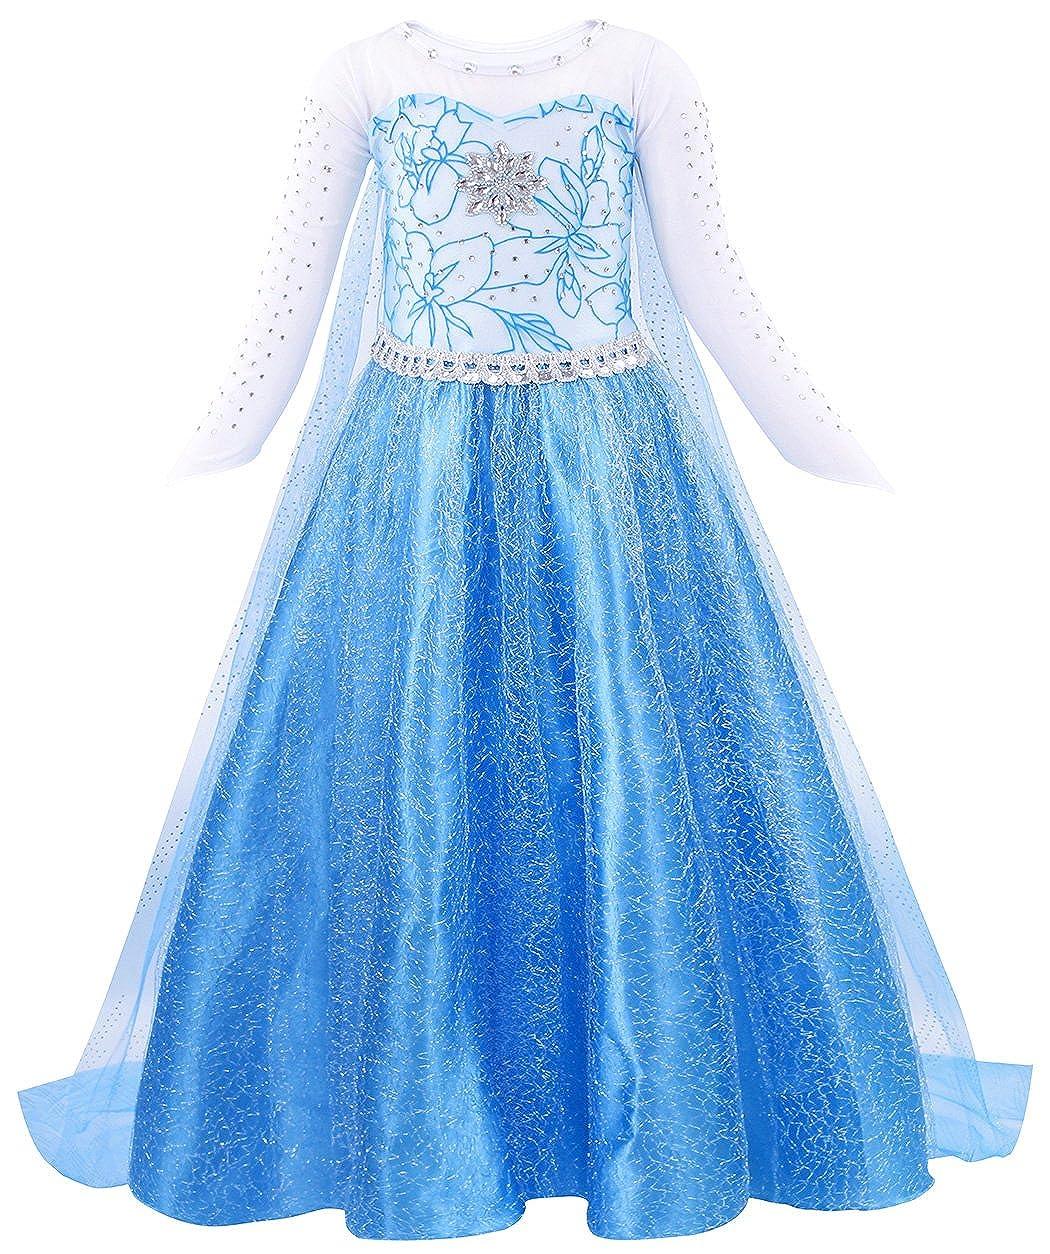 AmzBarley Elsa Vestito Operato Bambina Regina delle Nevi Costume Ragazze Principessa Cosplay Festa Abito Vestiti Lungo Compleanno Carnevale Halloween